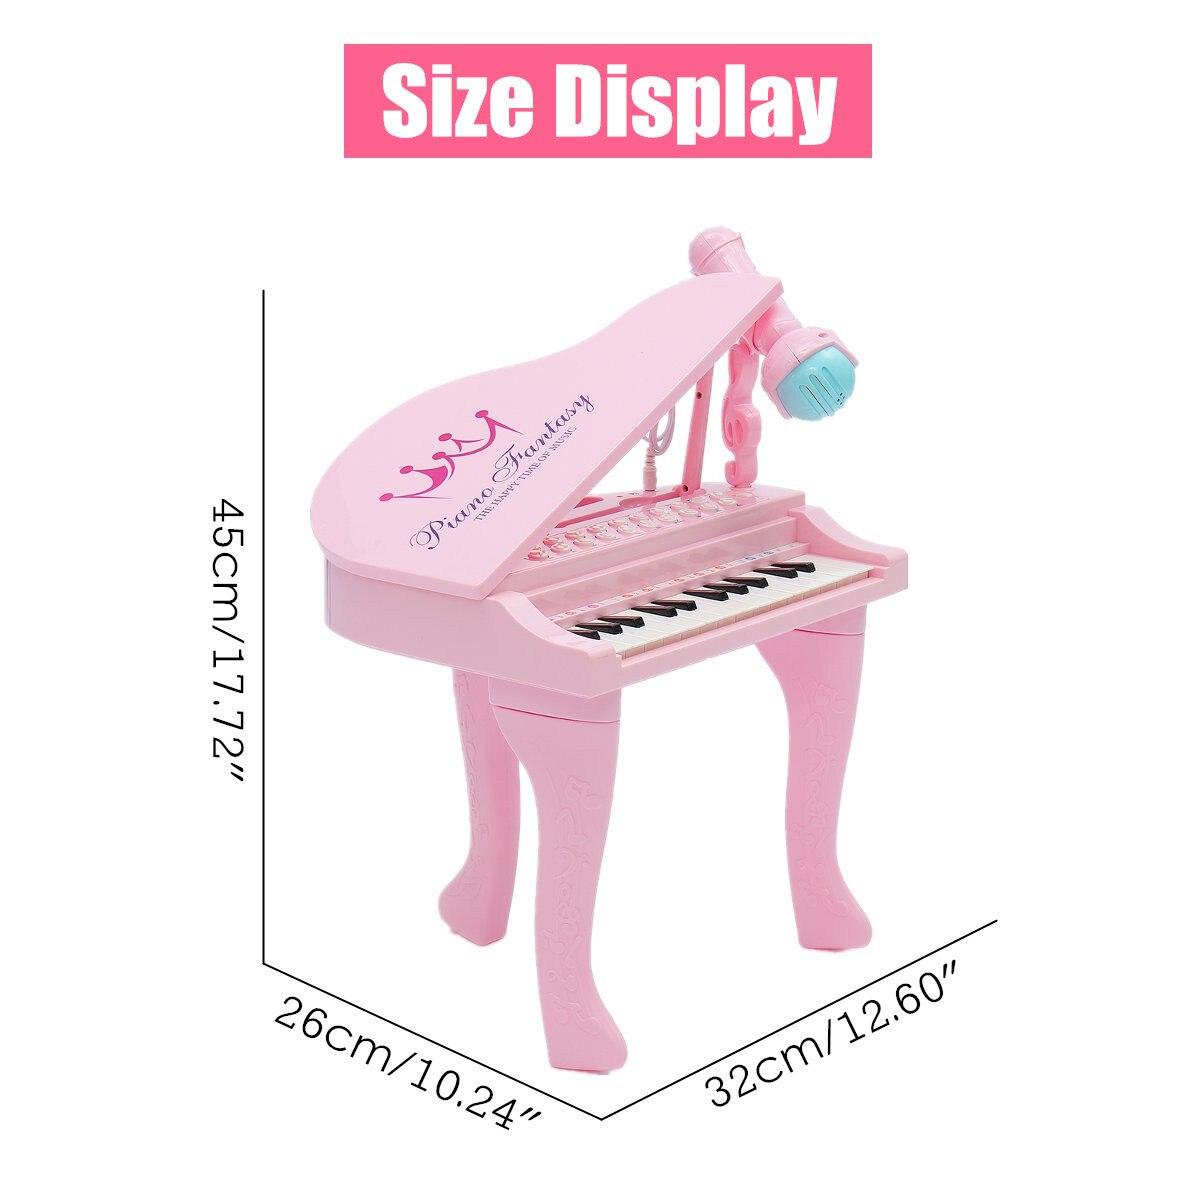 Électronique 25 touches clavier jouet orgue USB enfants Piano Microphone Instrument de musique jouant jouet ensemble rose/bleu enfants cadeaux - 4